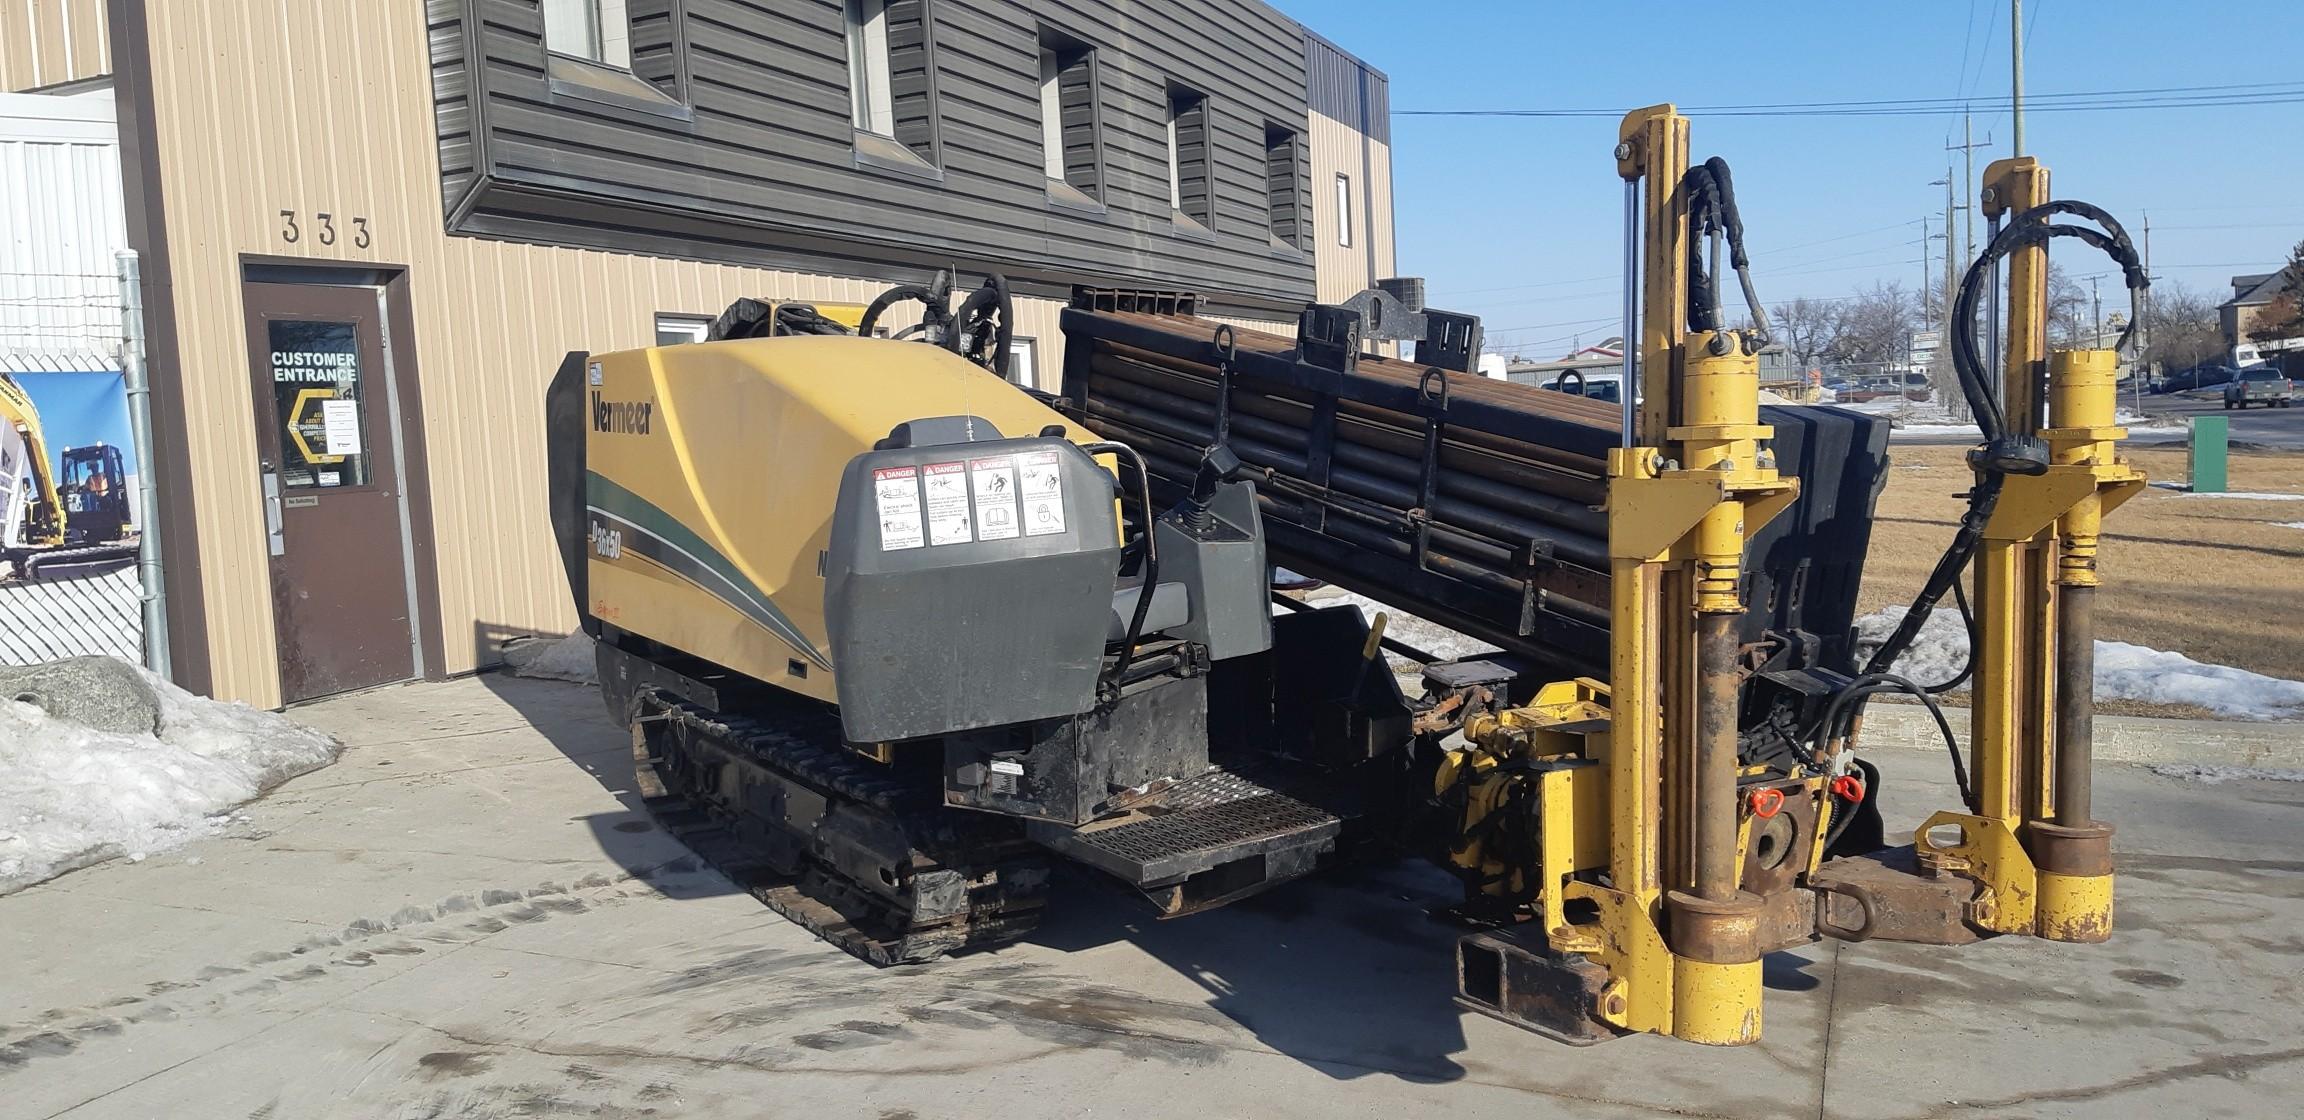 Used, 2013, Vermeer, D36X50 Series II - 10 ft. Rod, Boring / Drilling Machines